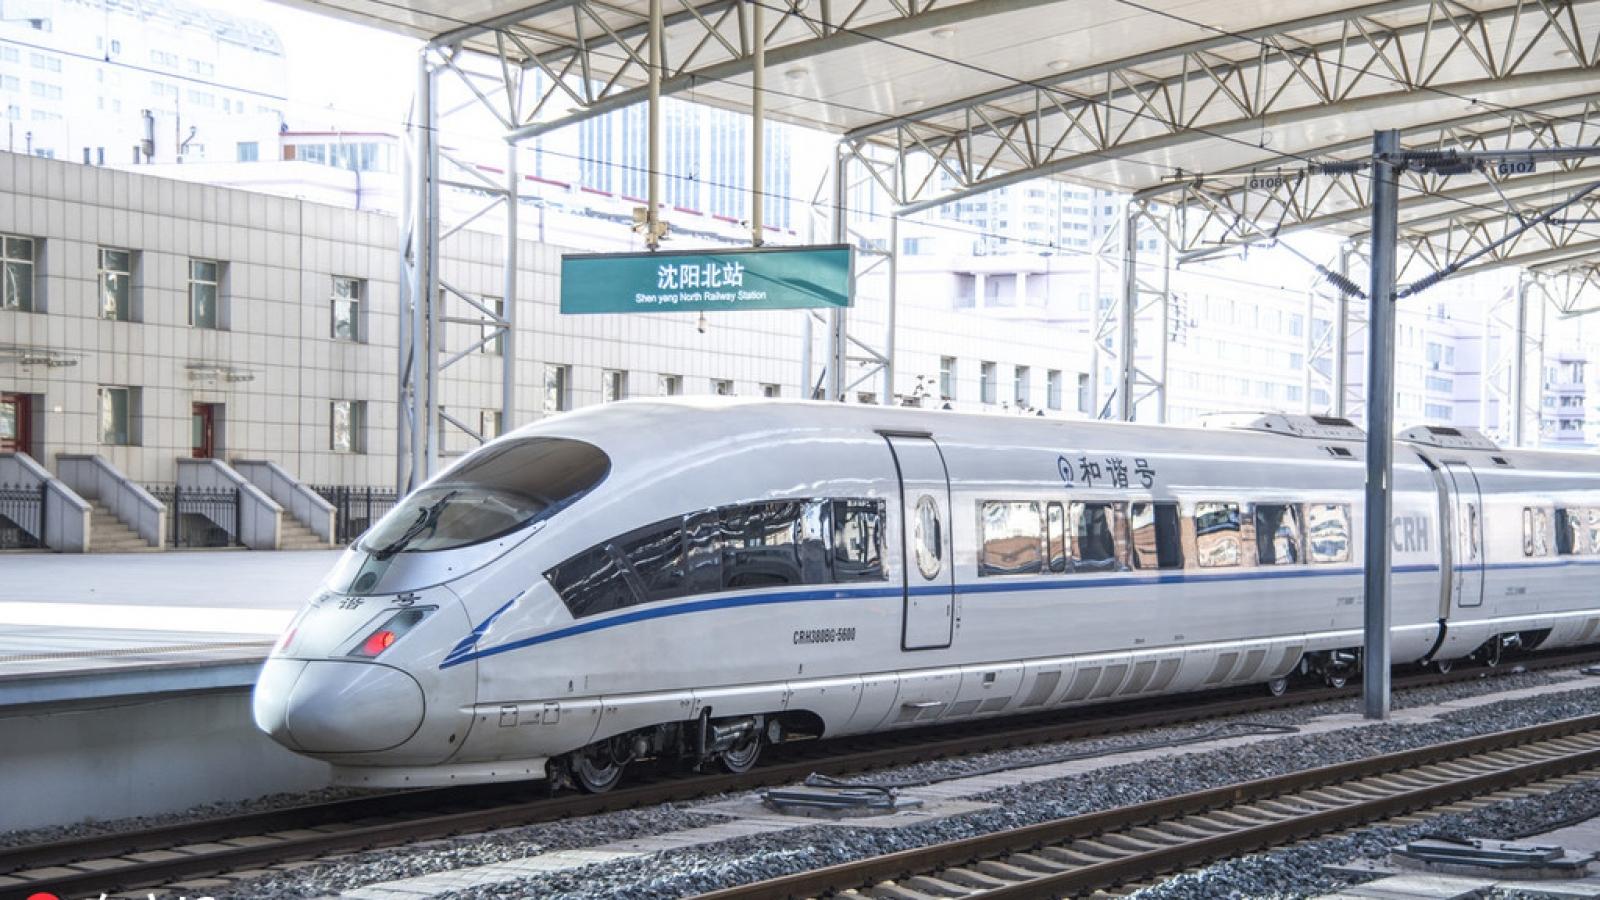 Trung Quốc dự kiến xây thêm 4.400km đường sắt trong năm 2020